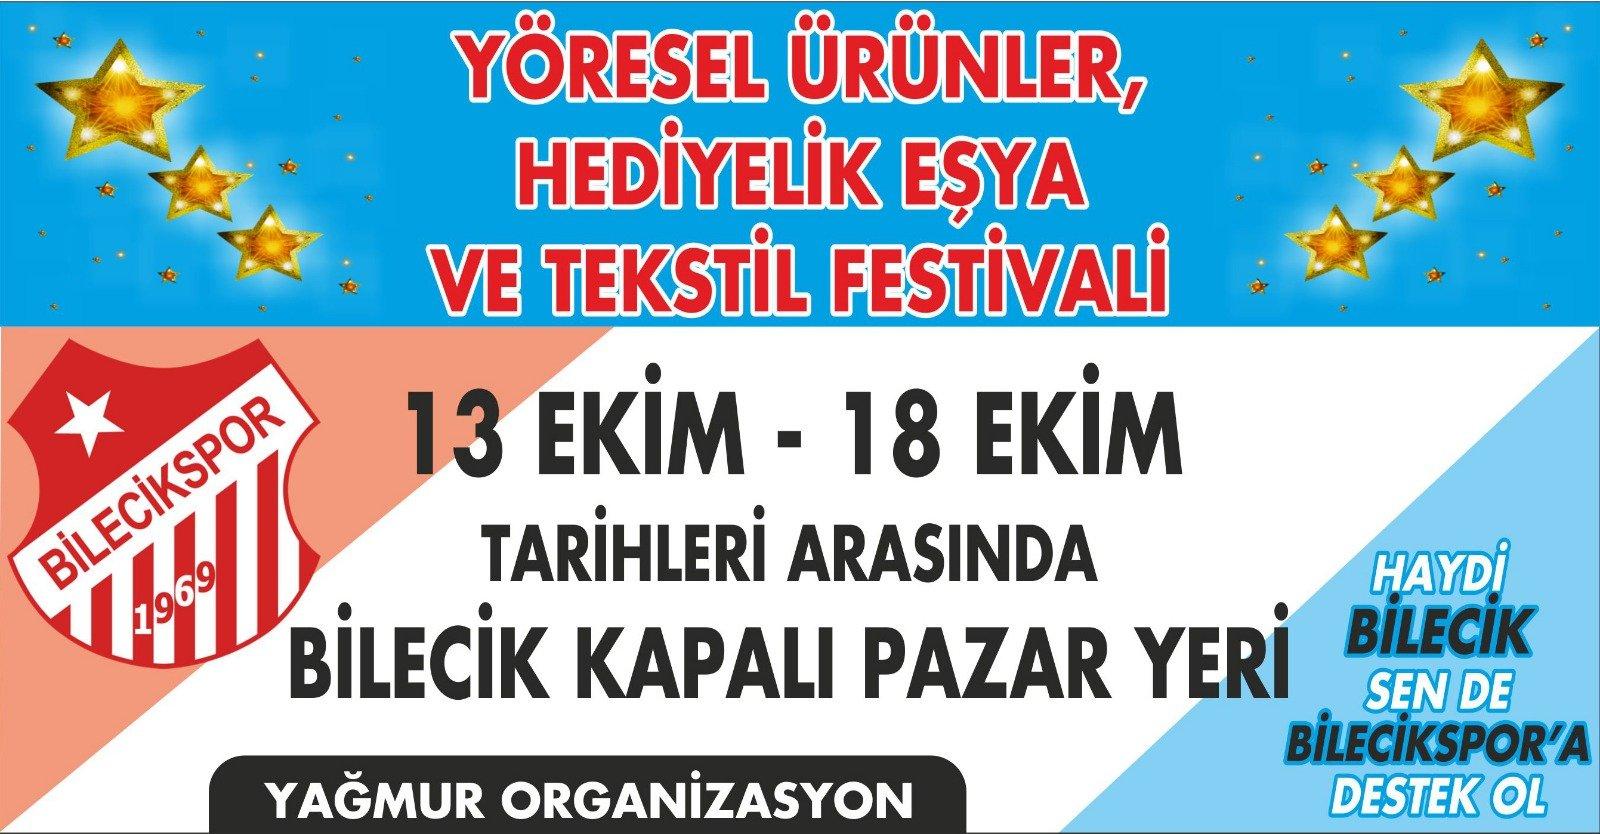 Bilecik Yöresel Ürünler, Hediyelik Eşya ve Tekstil Festivali